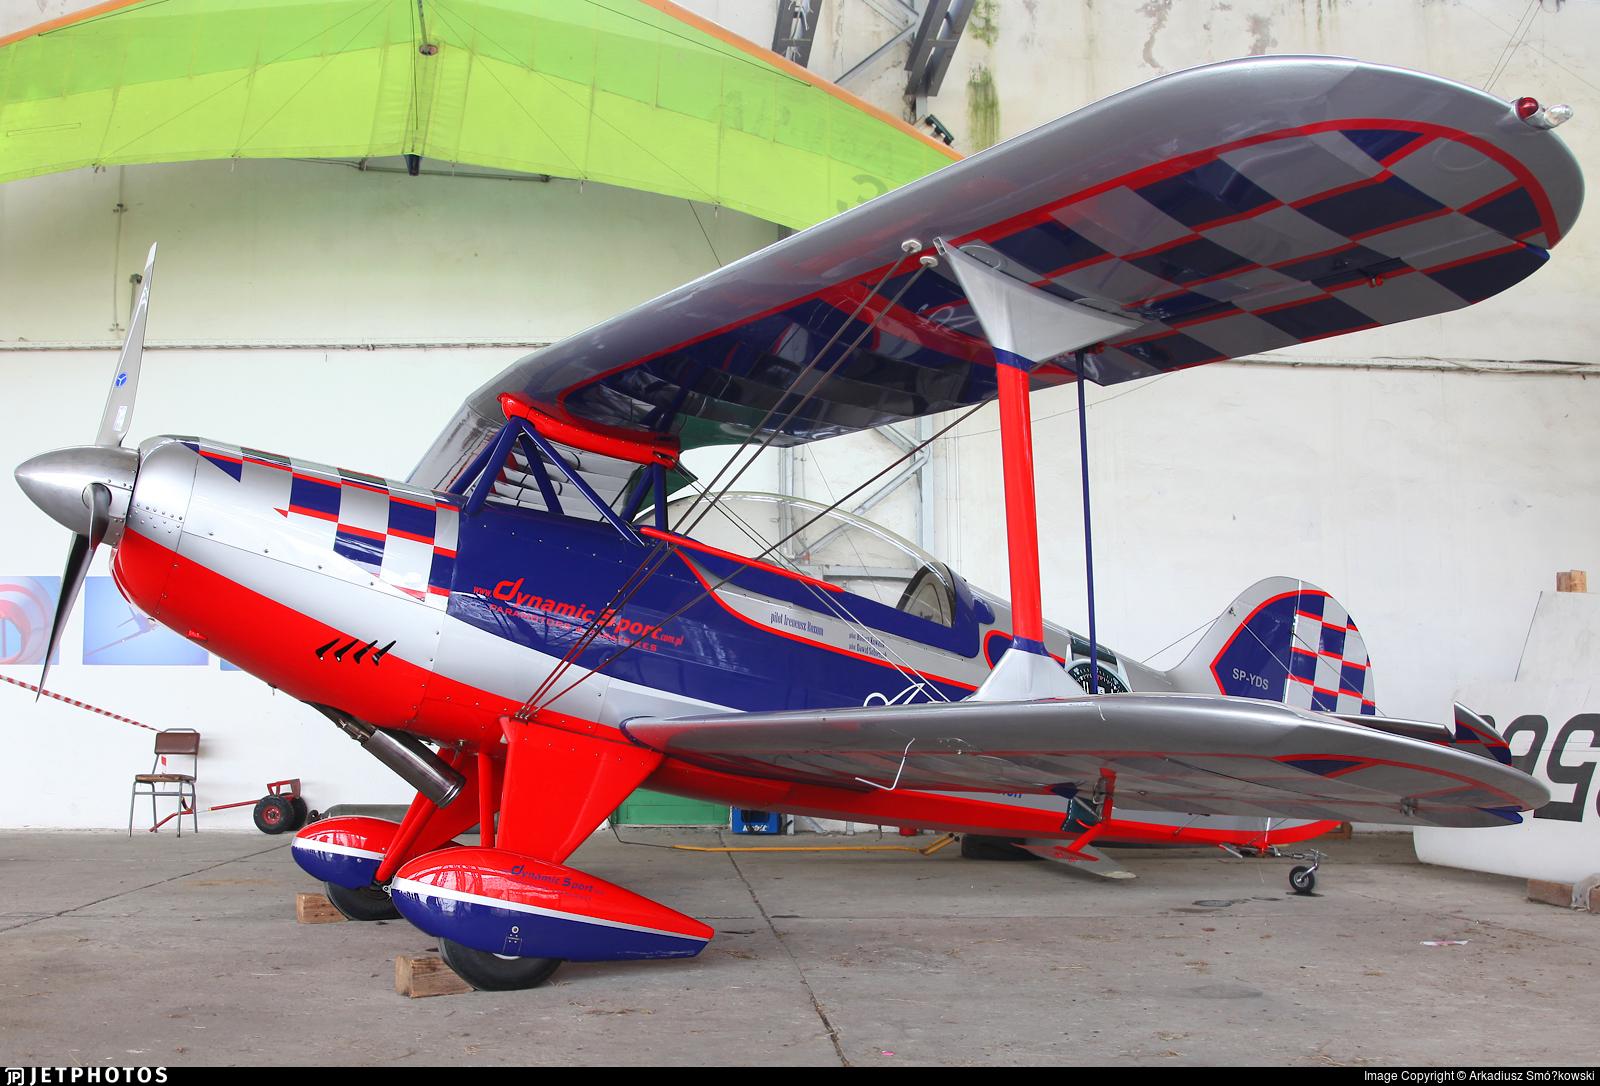 SP-YDS - Skybolt Super Skybolt - Private